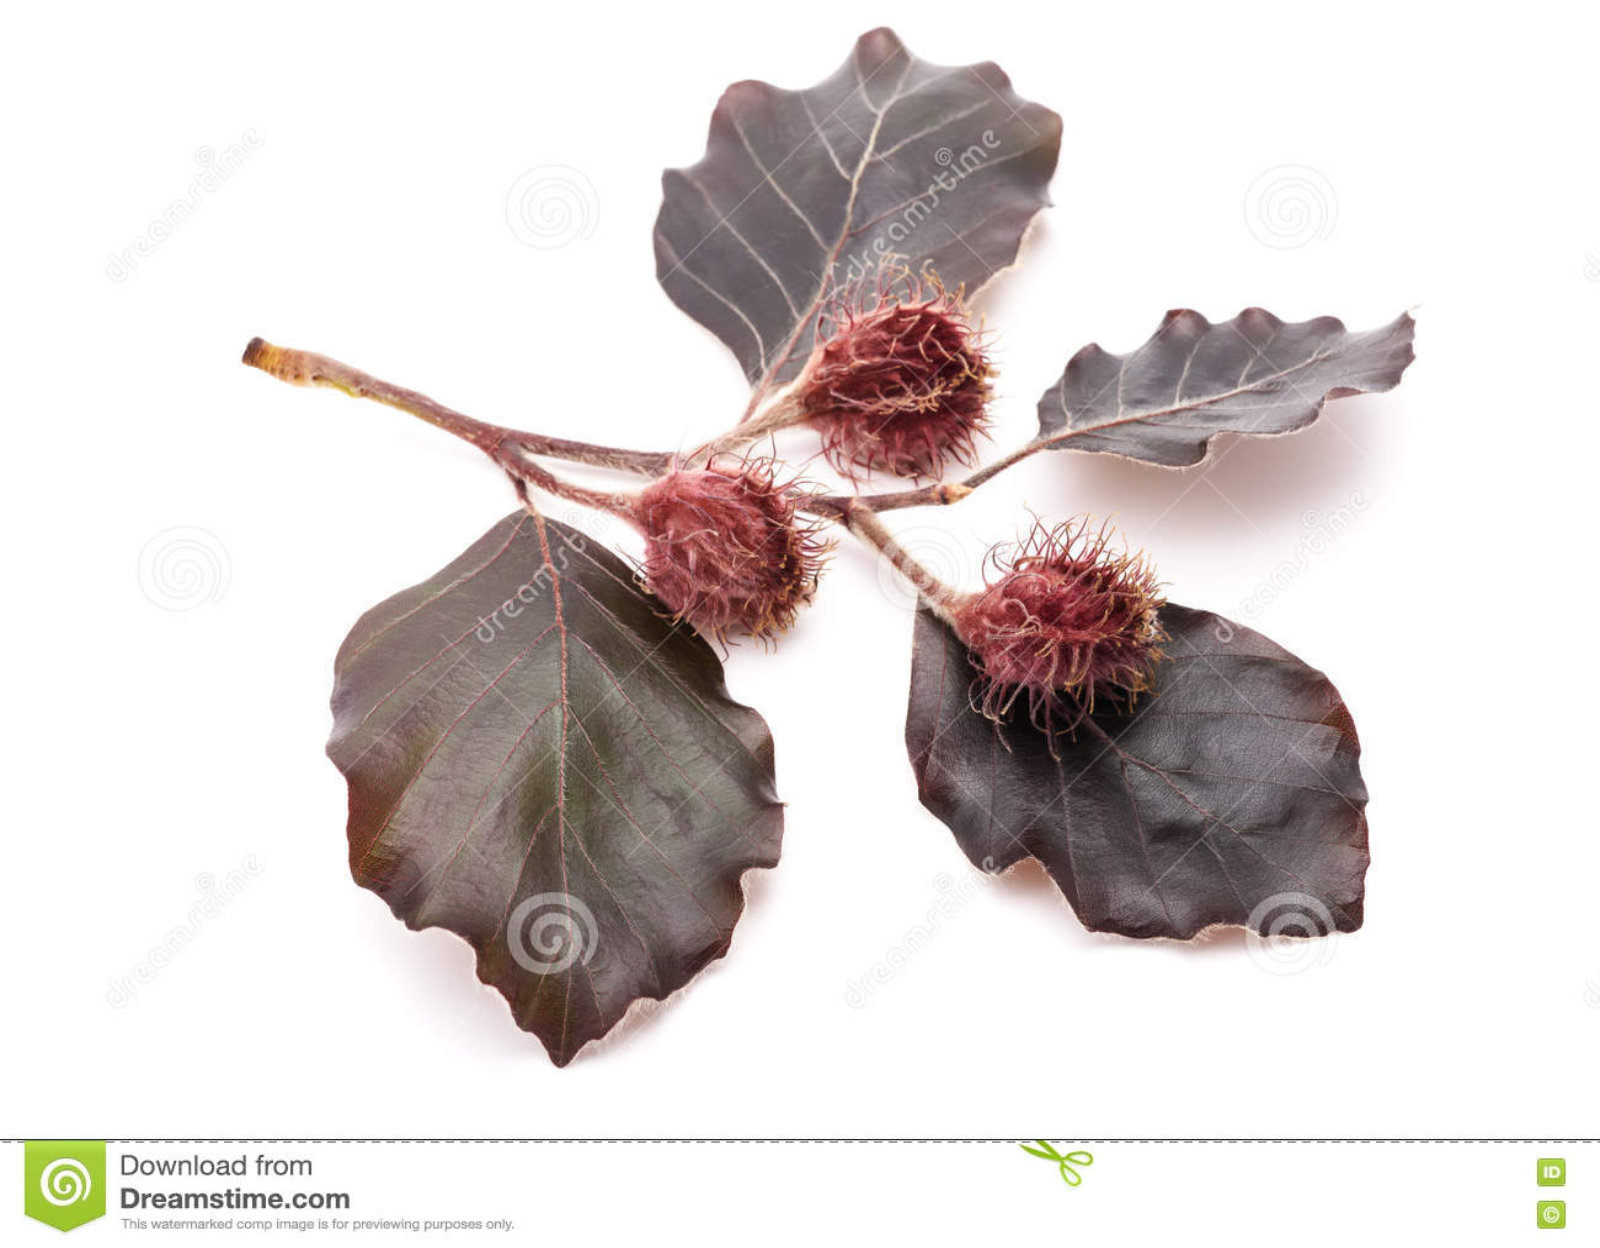 Branche de hêtre rouge